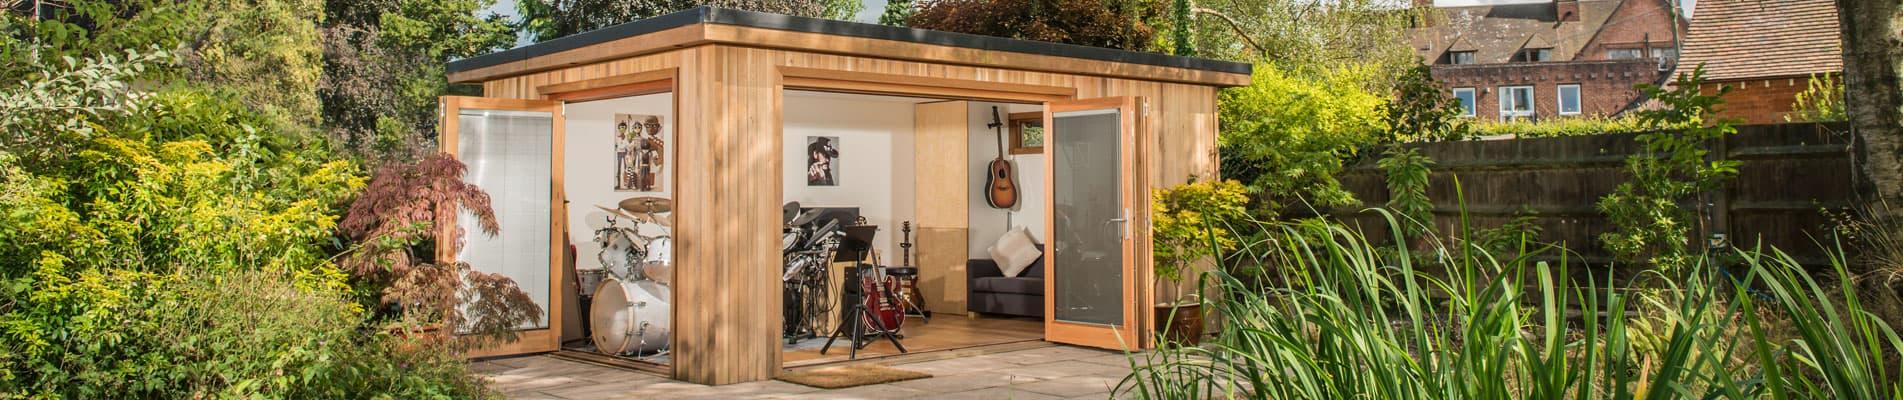 Garden Offices Outdoor Home Office Garden Studios